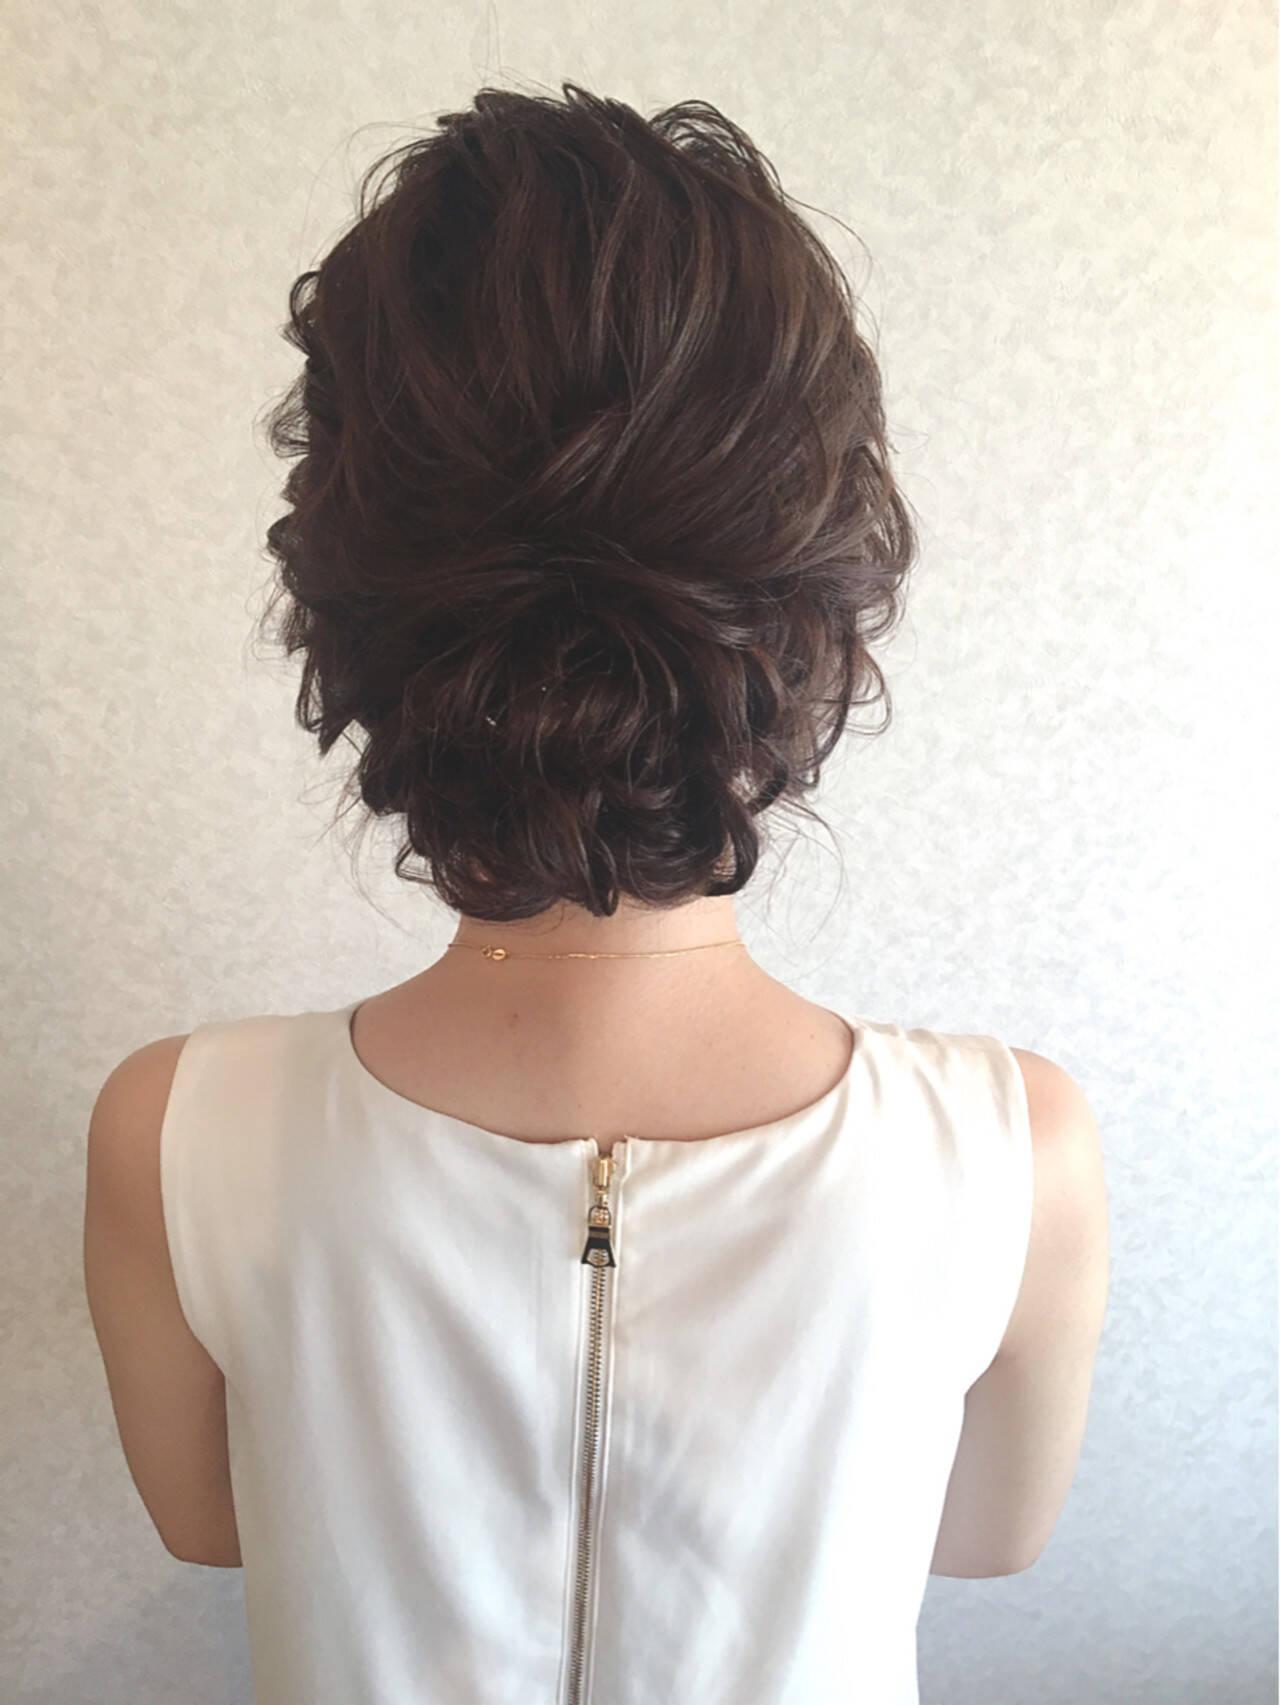 ロング デート 女子会 結婚式ヘアスタイルや髪型の写真・画像